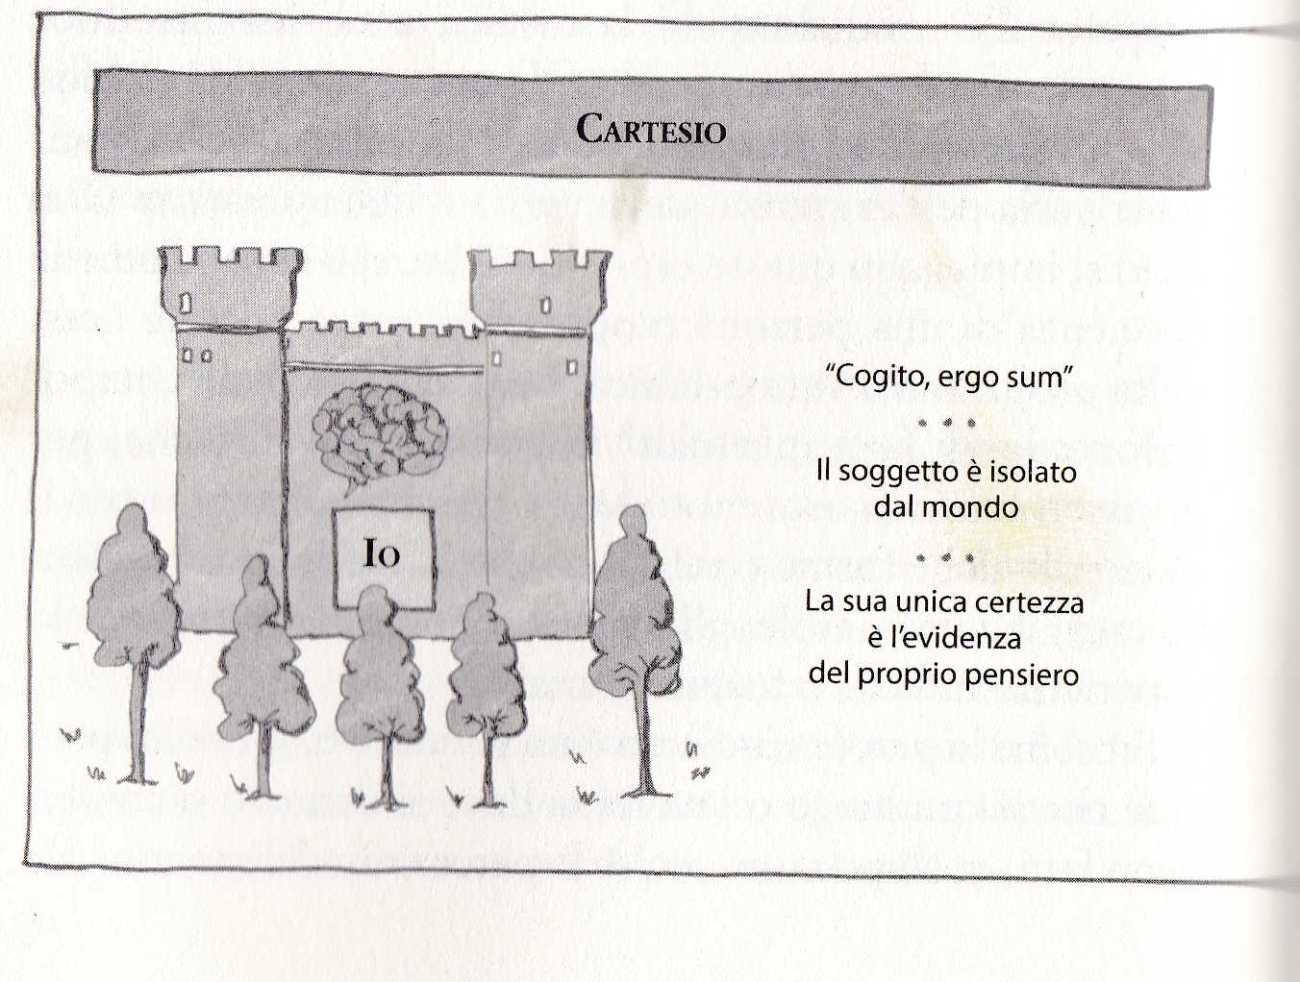 CARTESIO DILTHEY1607